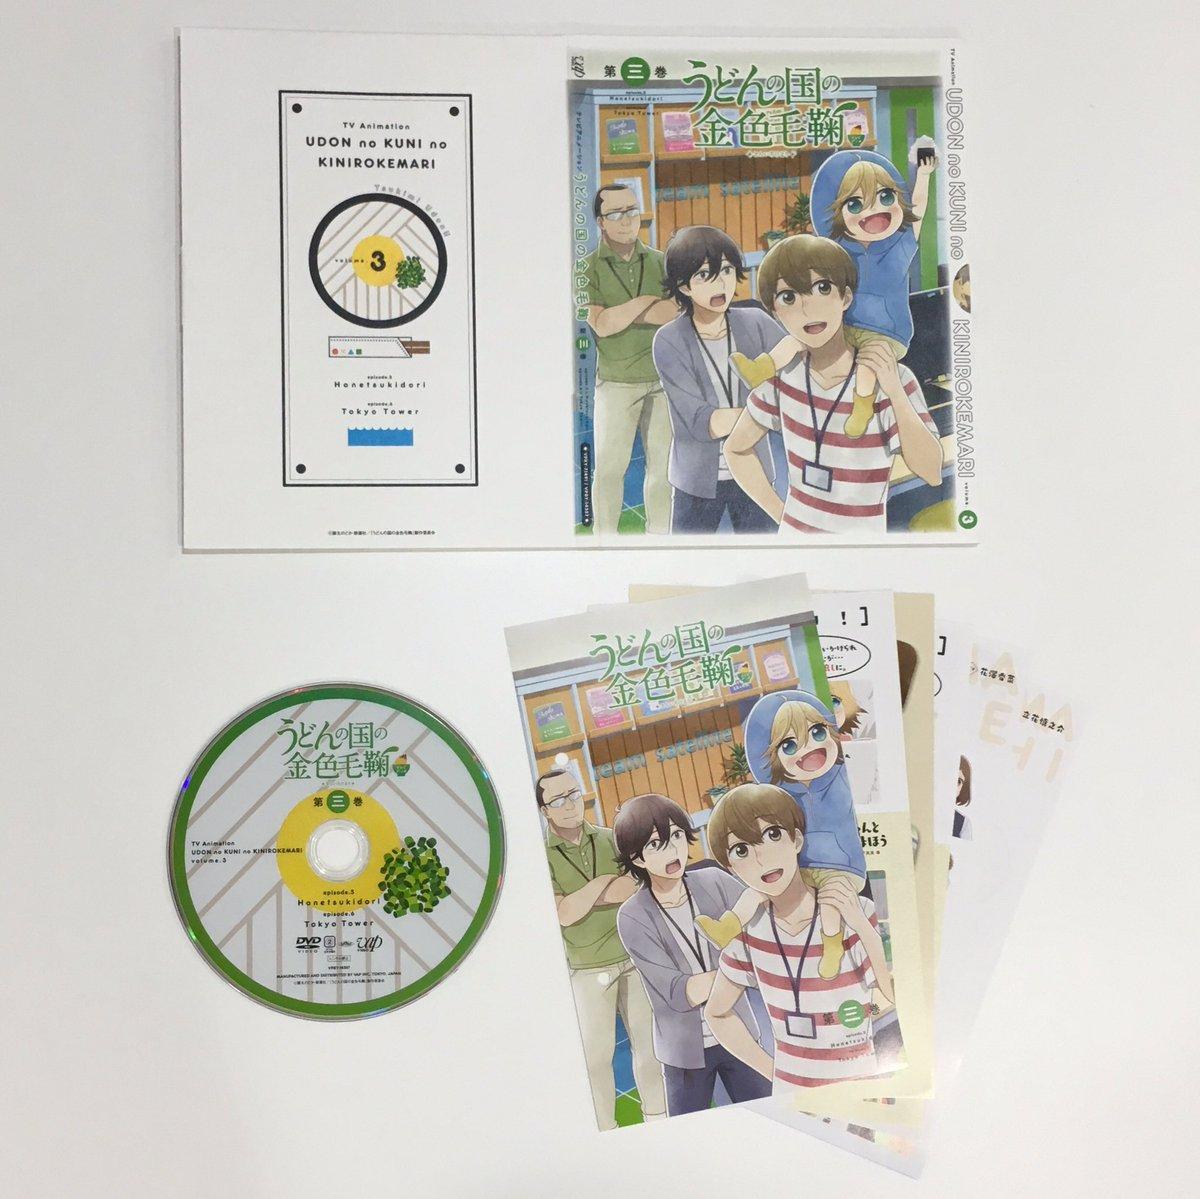 【2/22発売】「うどんの国の金色毛鞠」Blu-ray&DVD 第三巻の特典映像は、イベントダイジェスト映像!マ